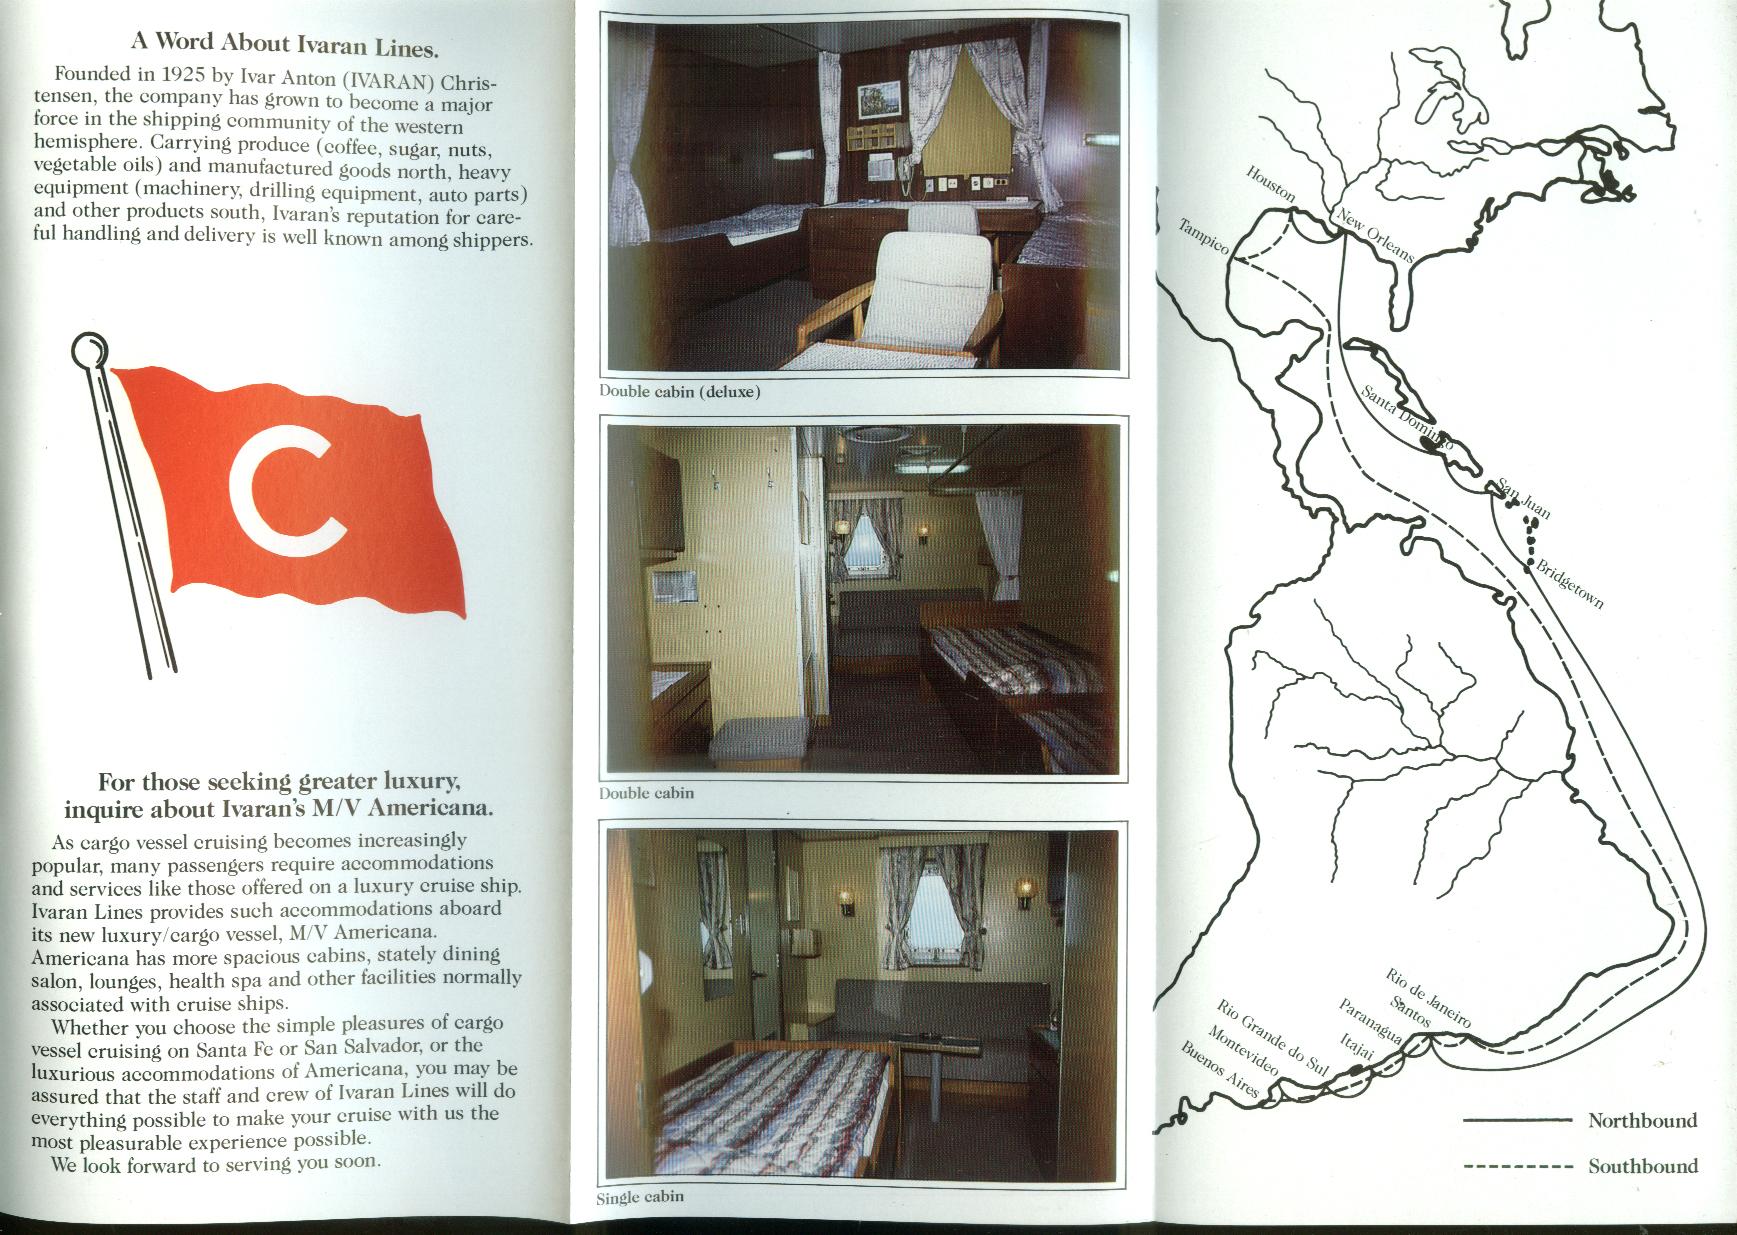 Ivaran Lines Cargoliner M S Santa Fe & Salvador folder 1991